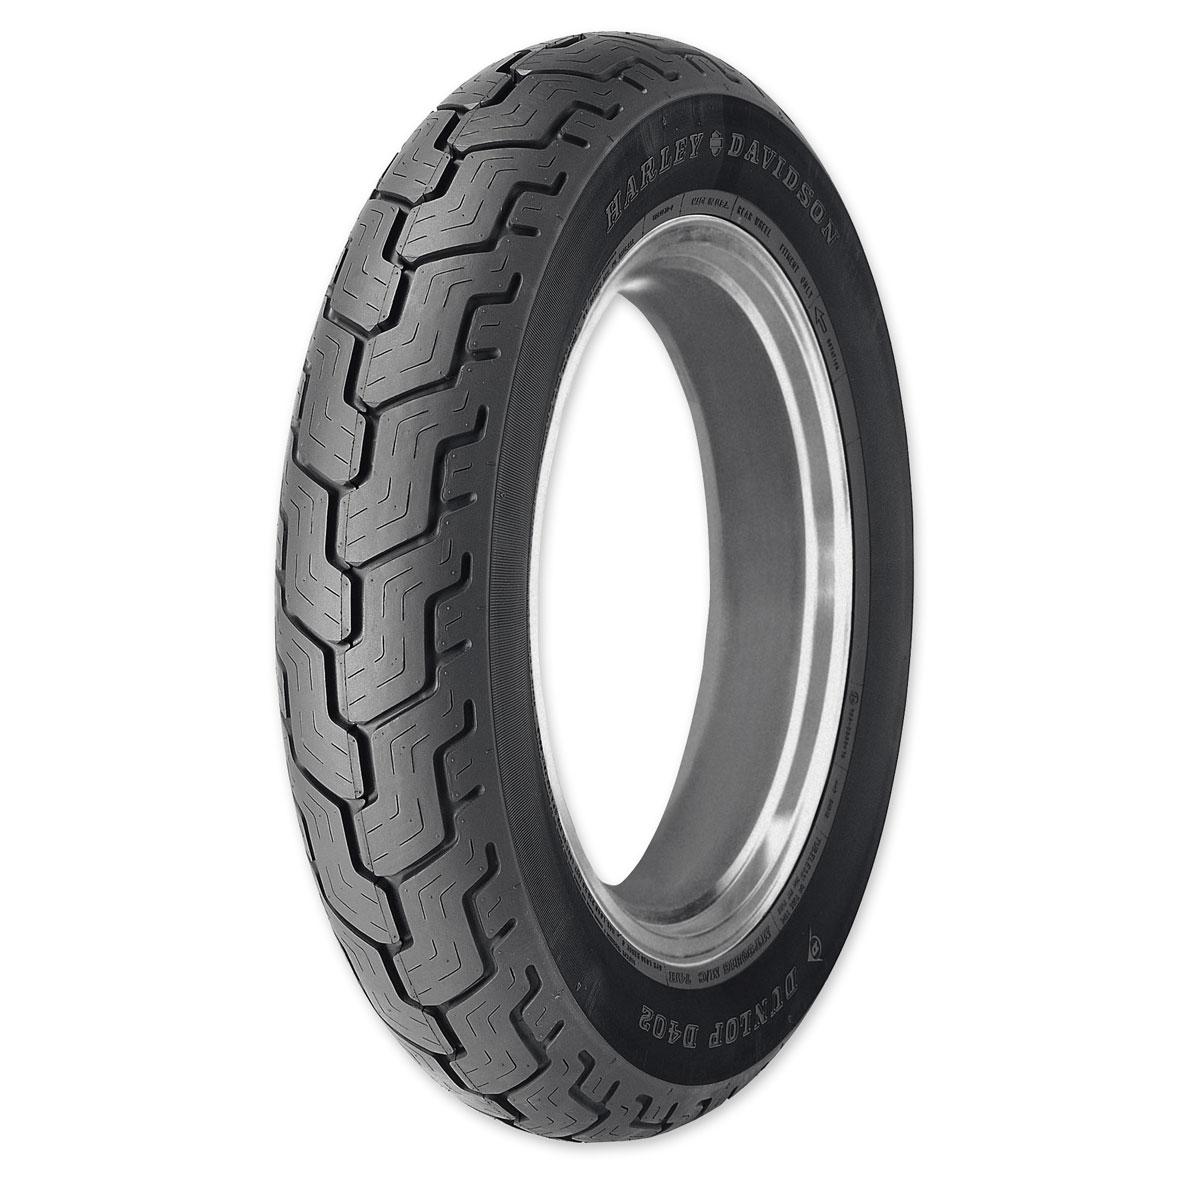 Dunlop D402 MT90B16 Rear Tire